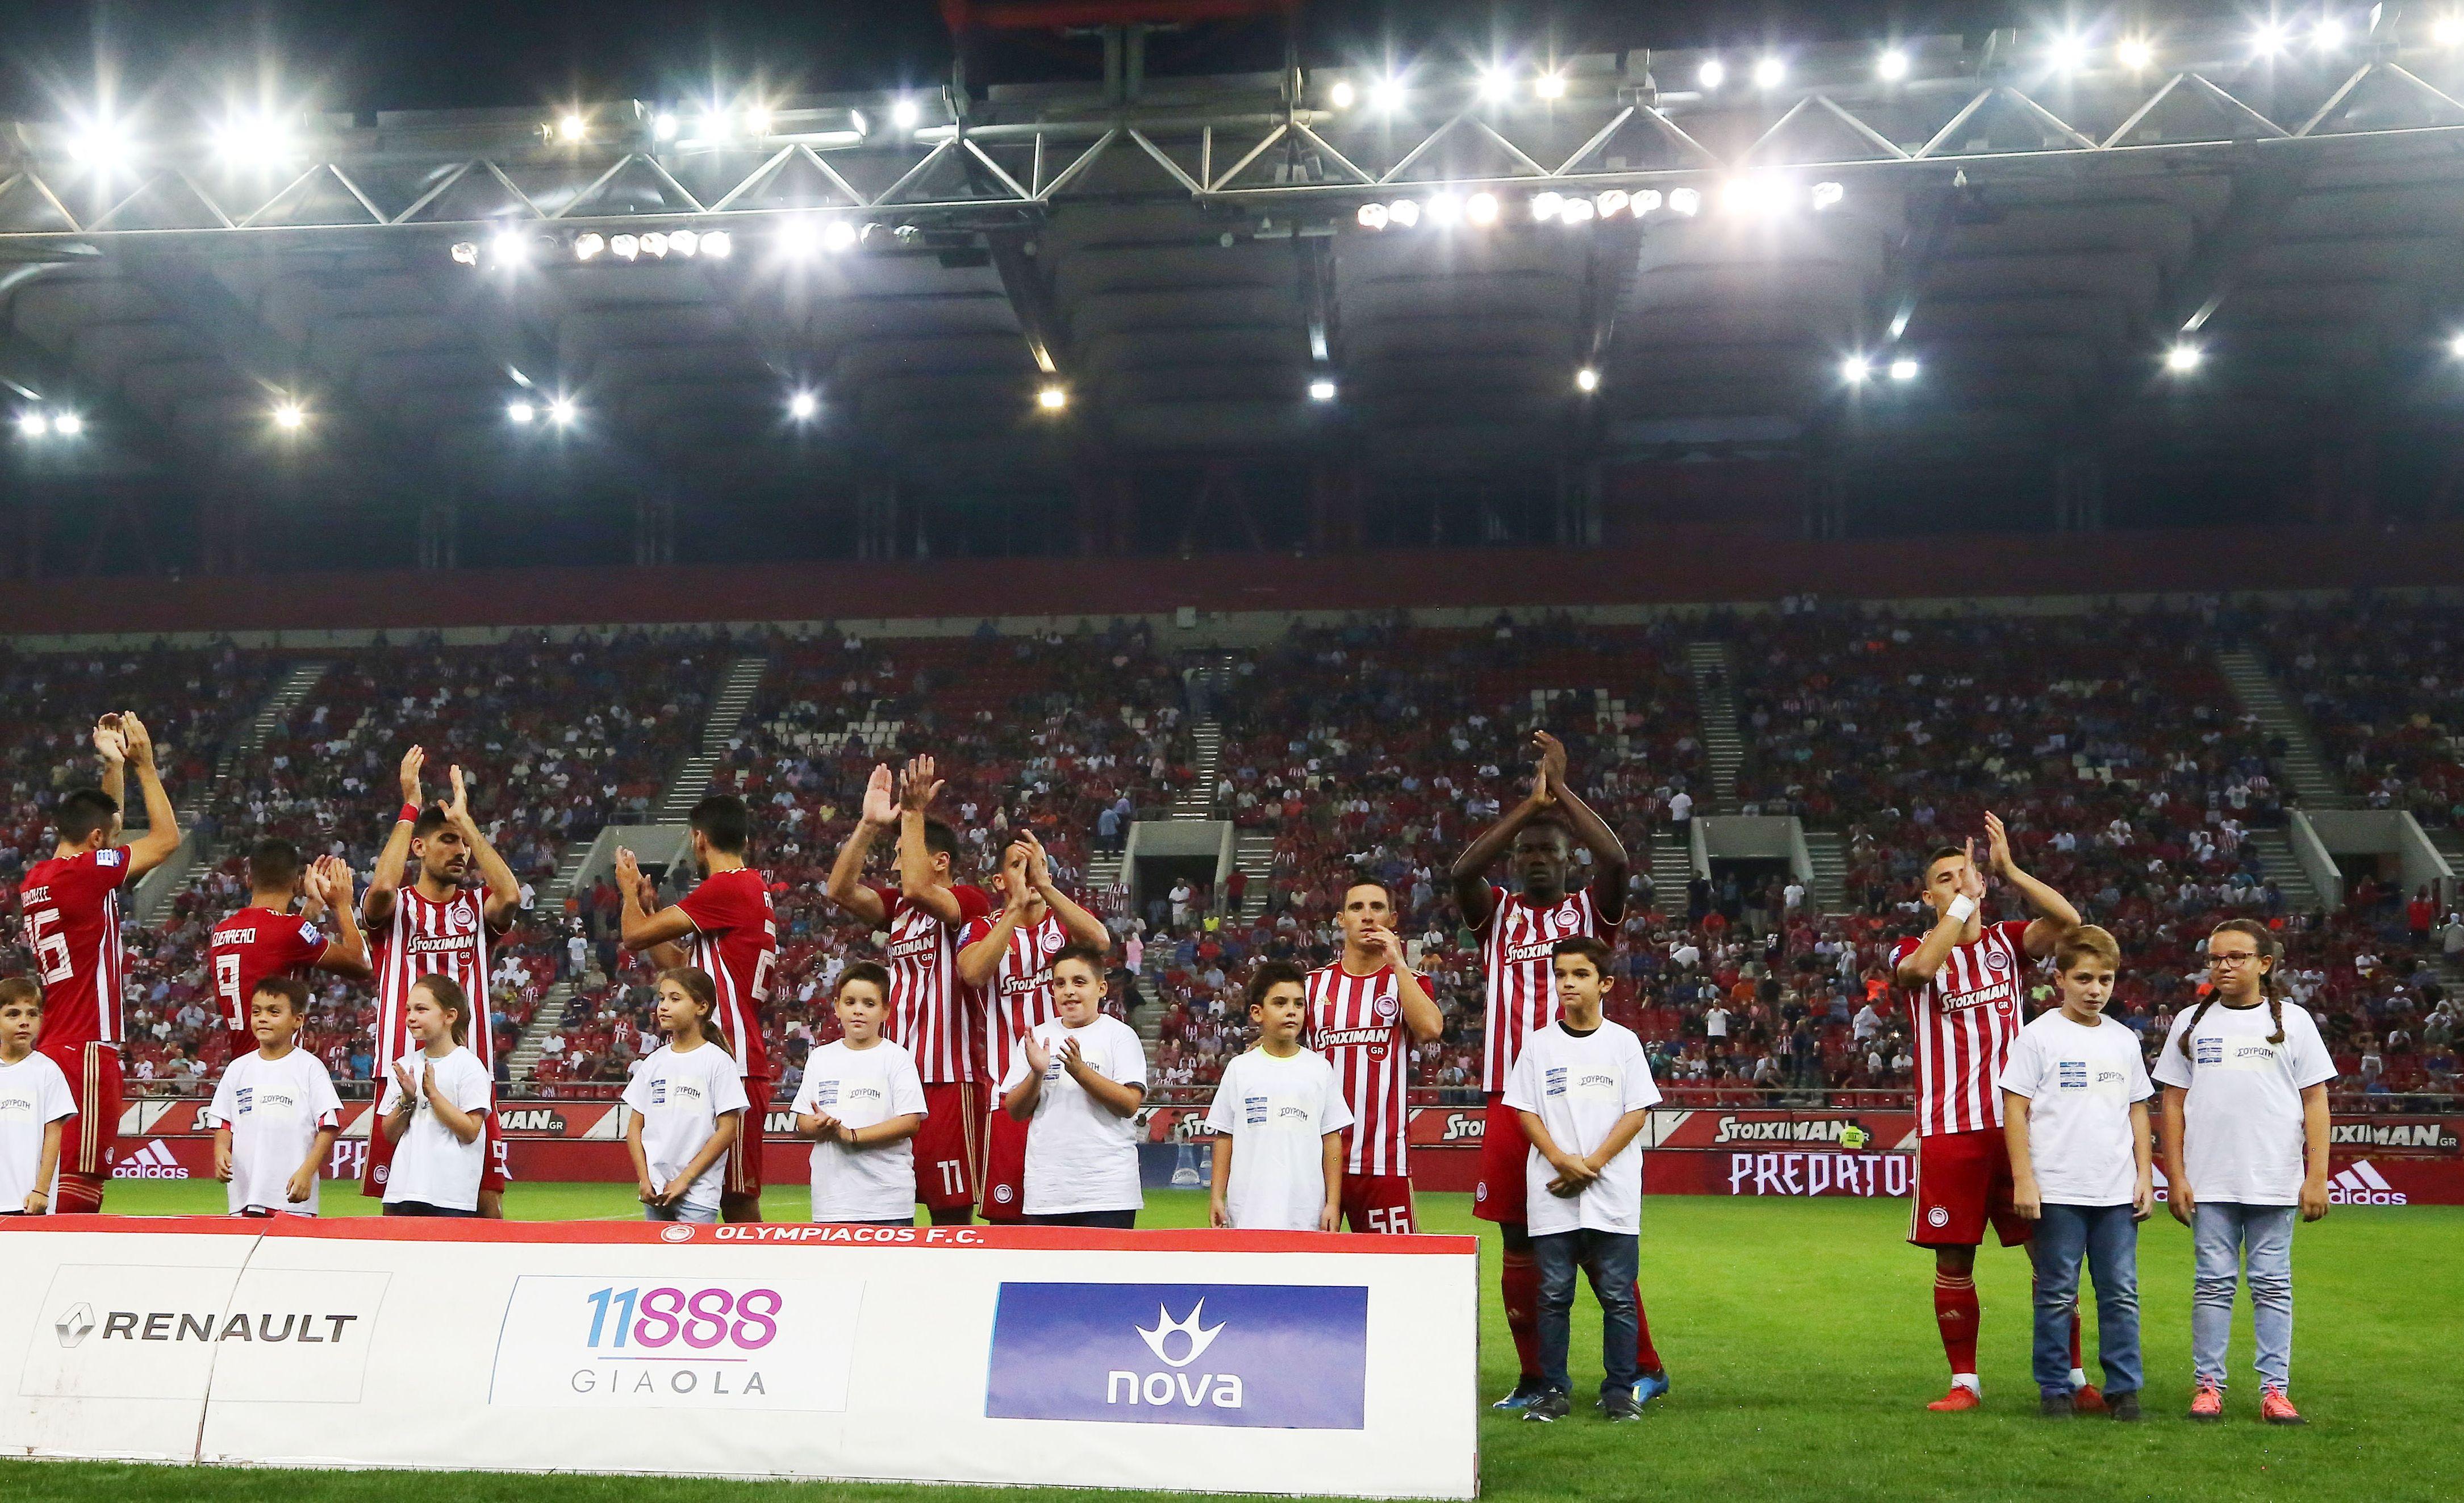 Συνοδεία των ποδοσφαιριστών στον αγωνιστικό χώρο